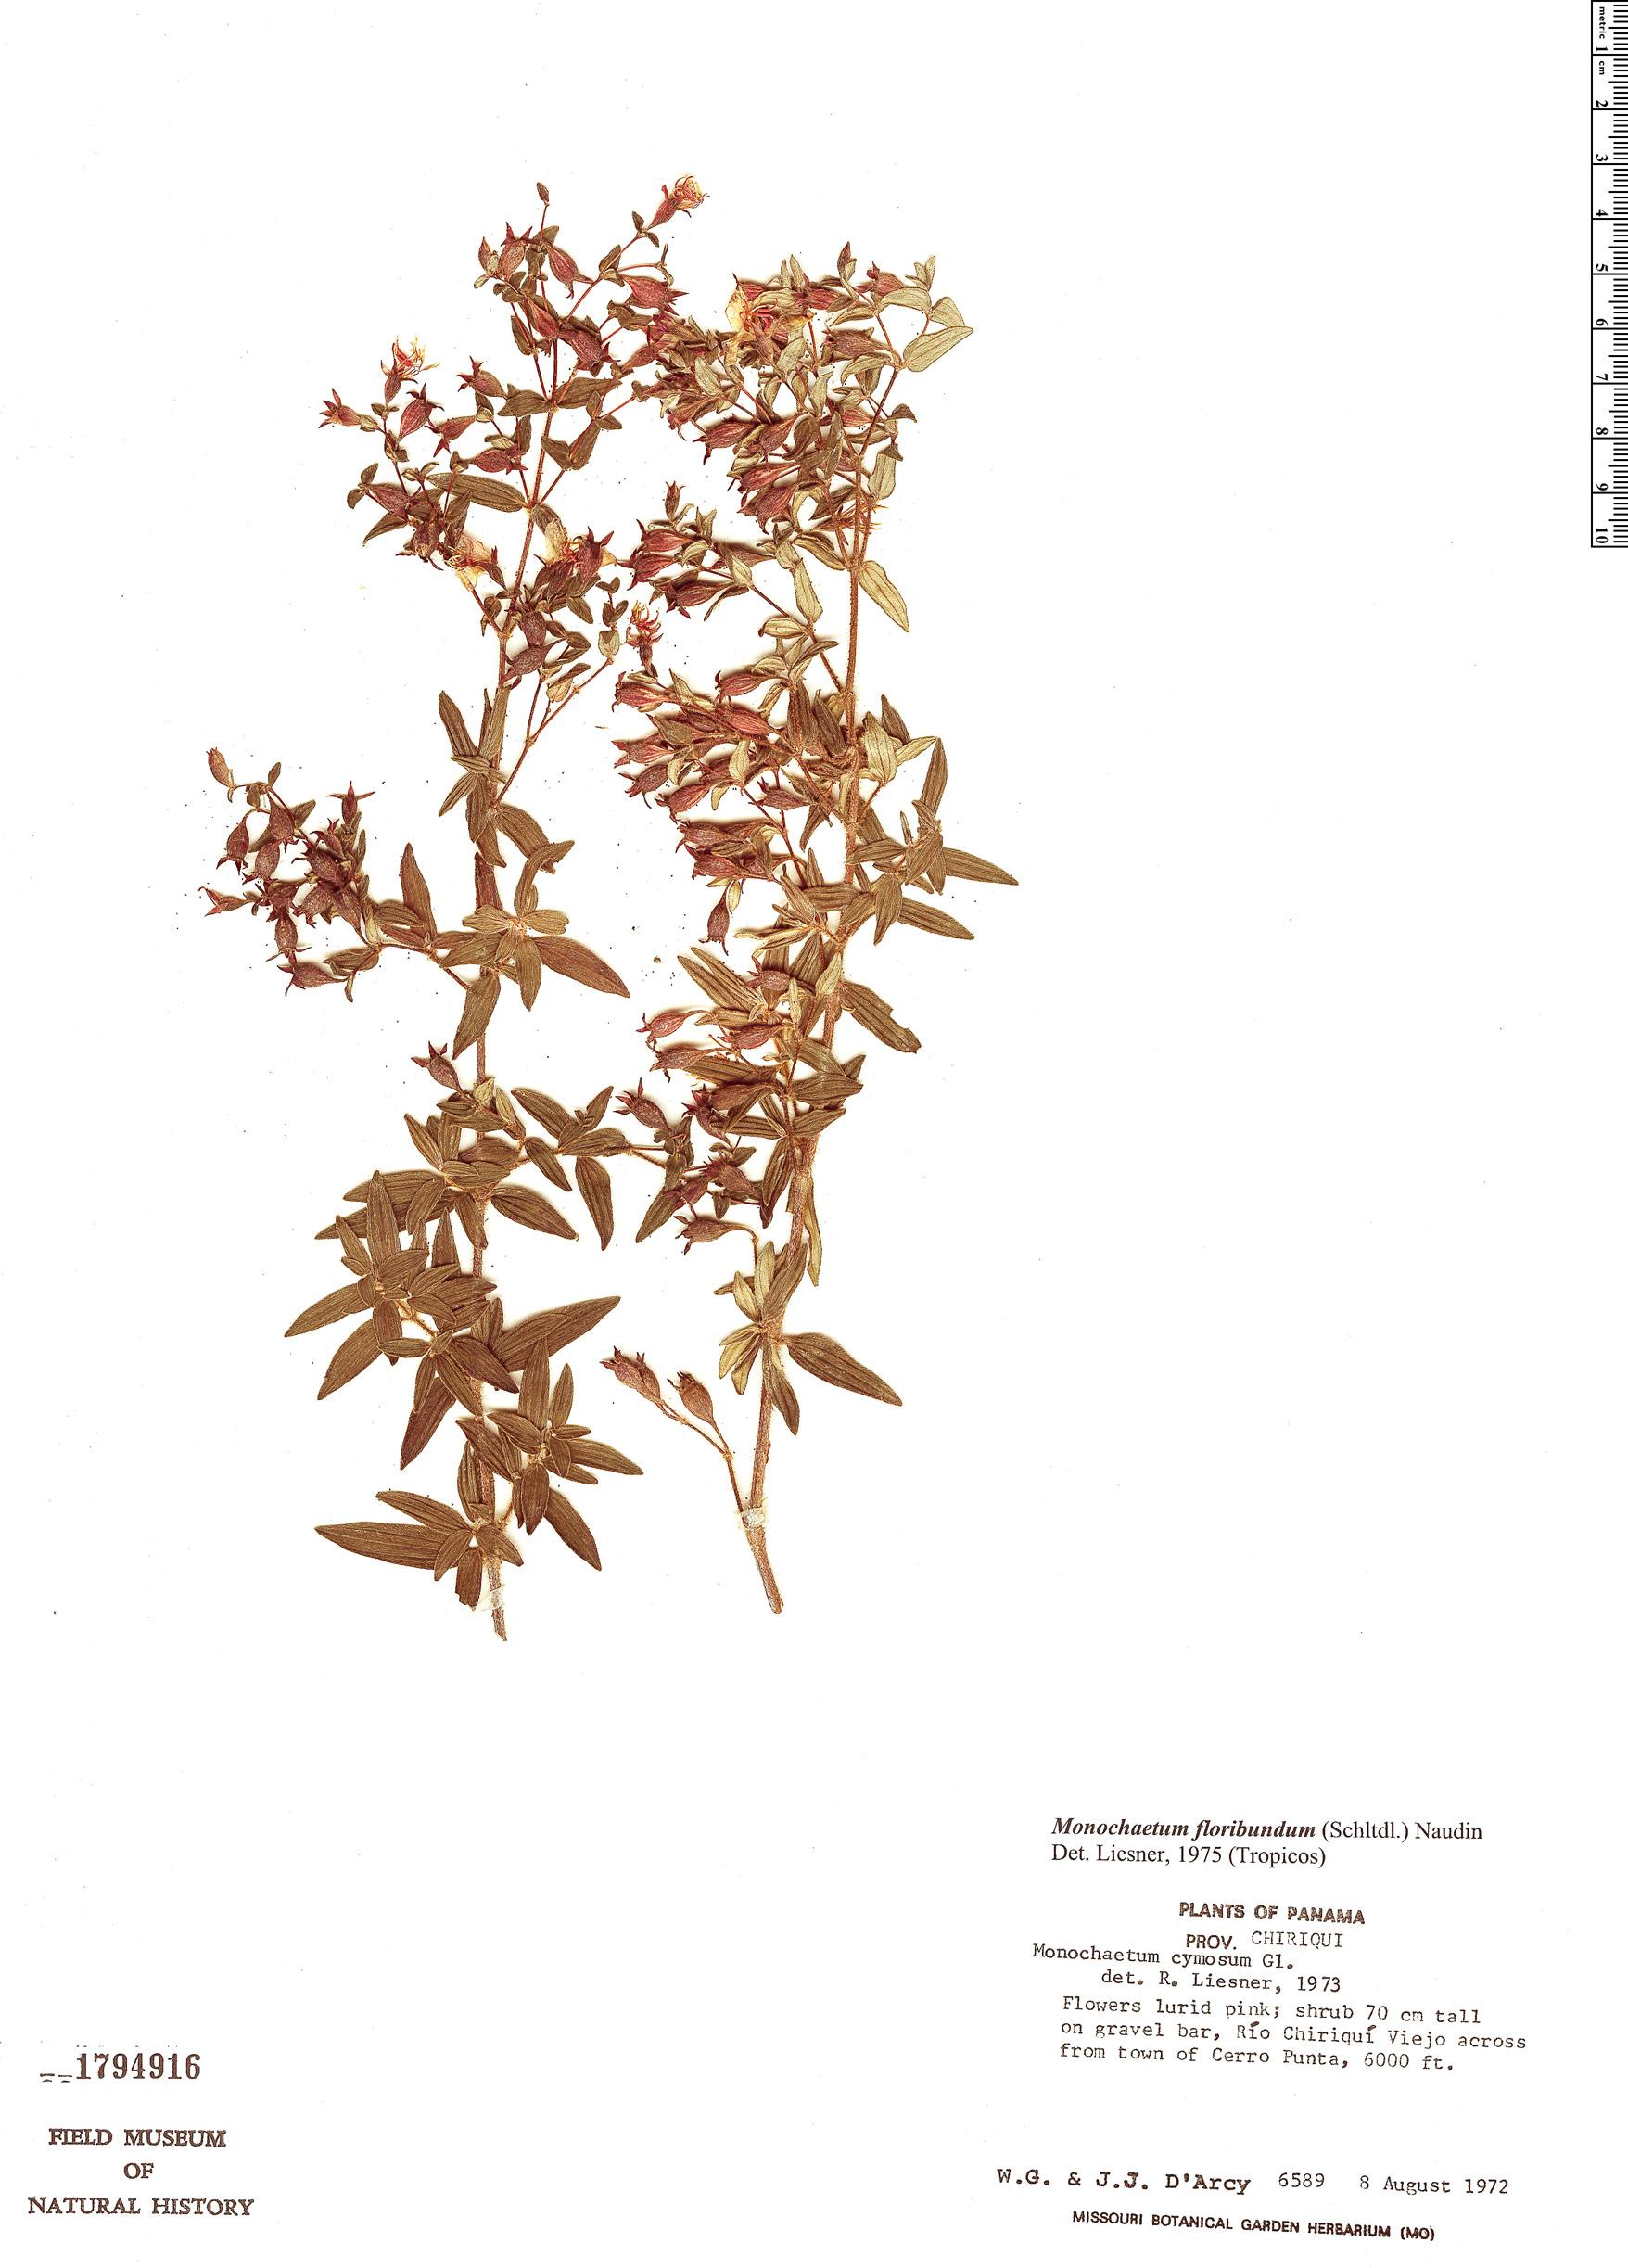 Specimen: Monochaetum floribundum